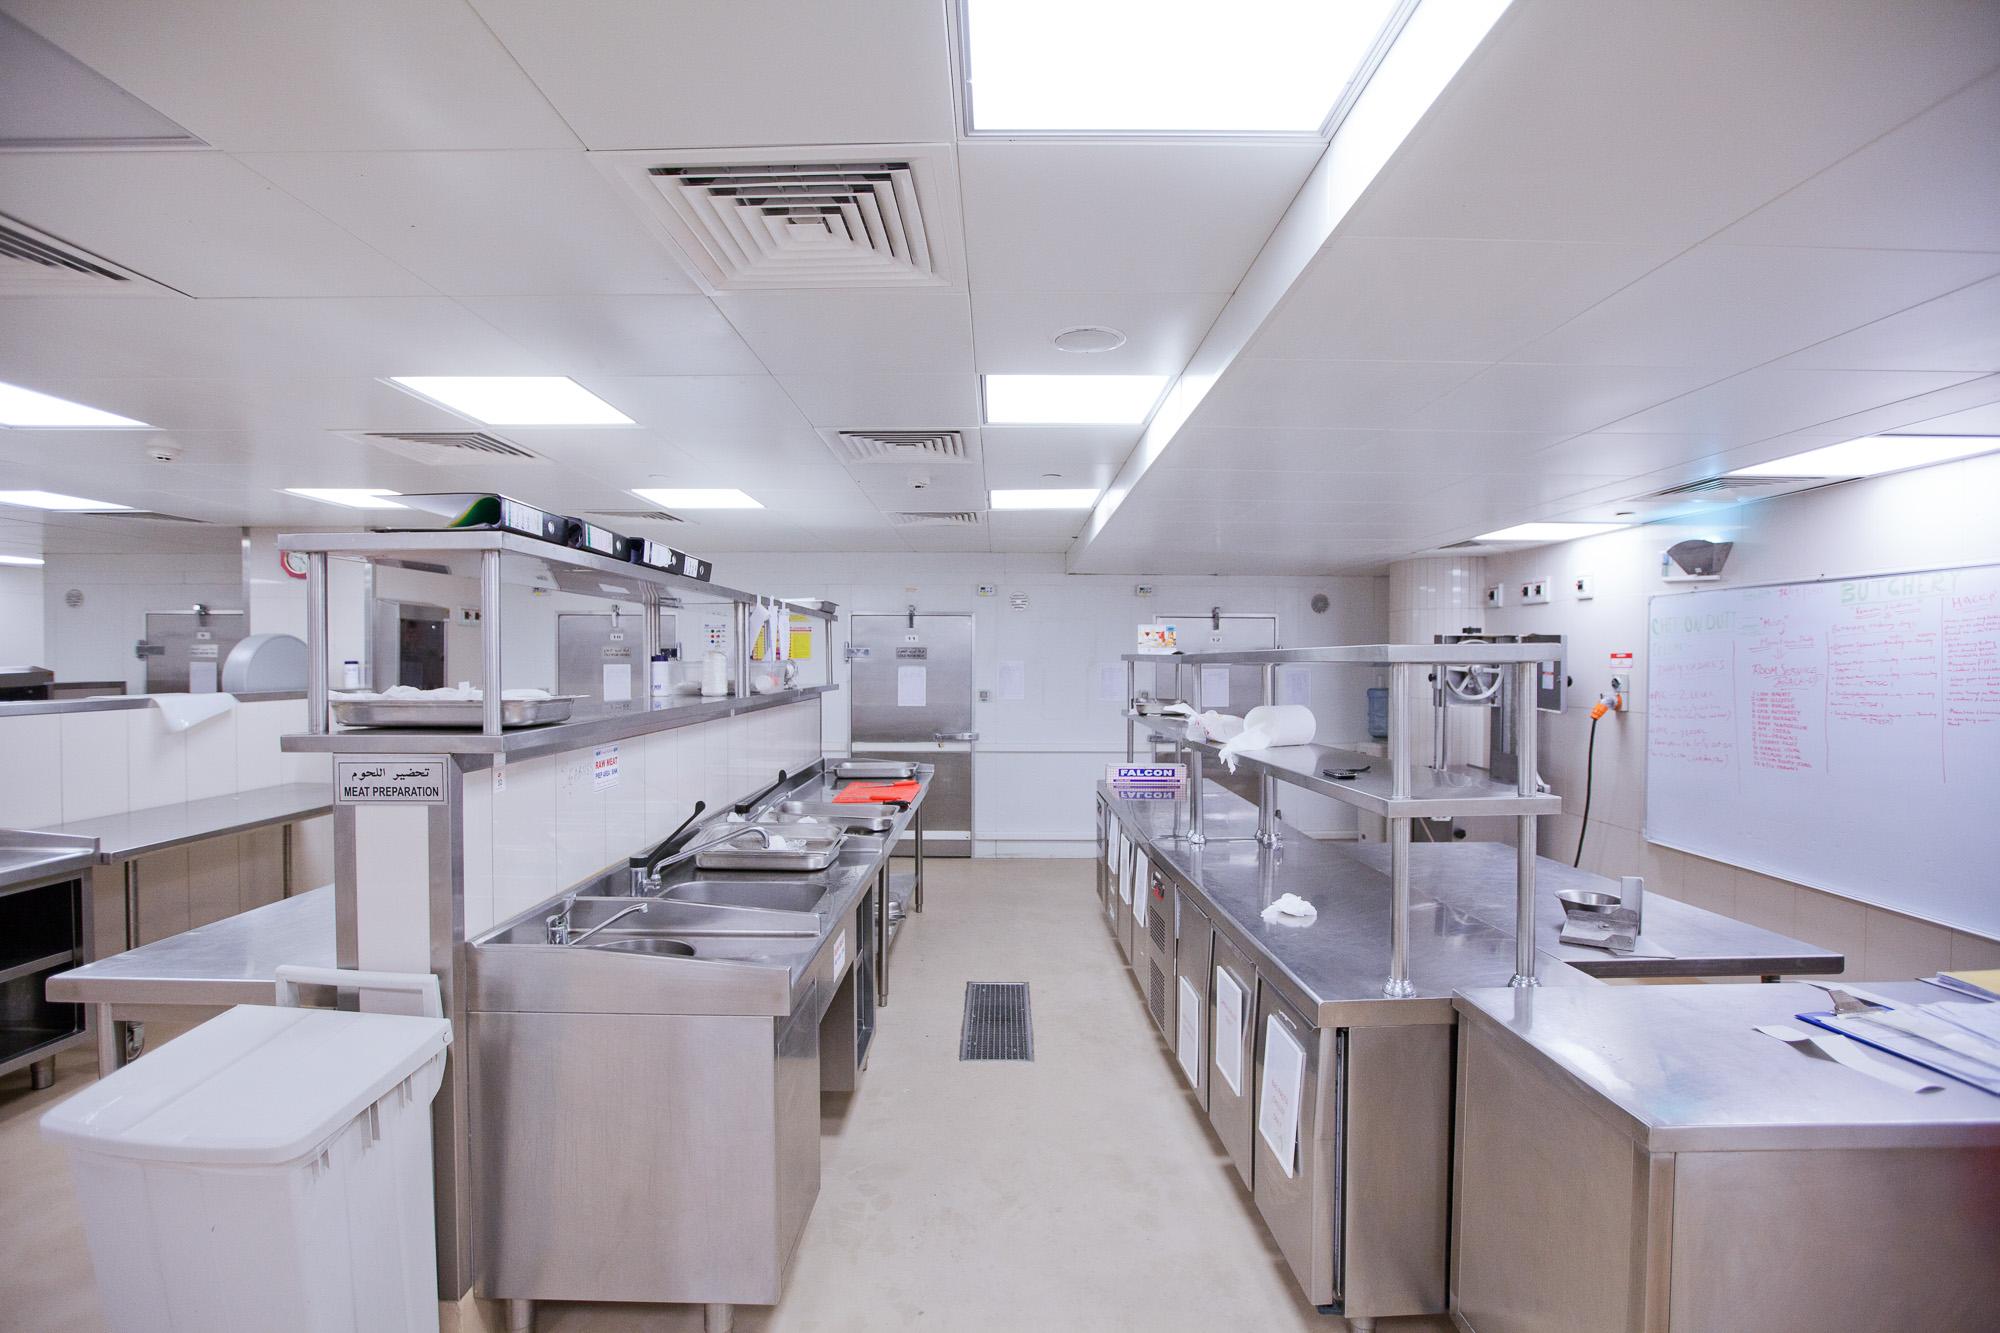 Italia_kitchen_-meydan-4